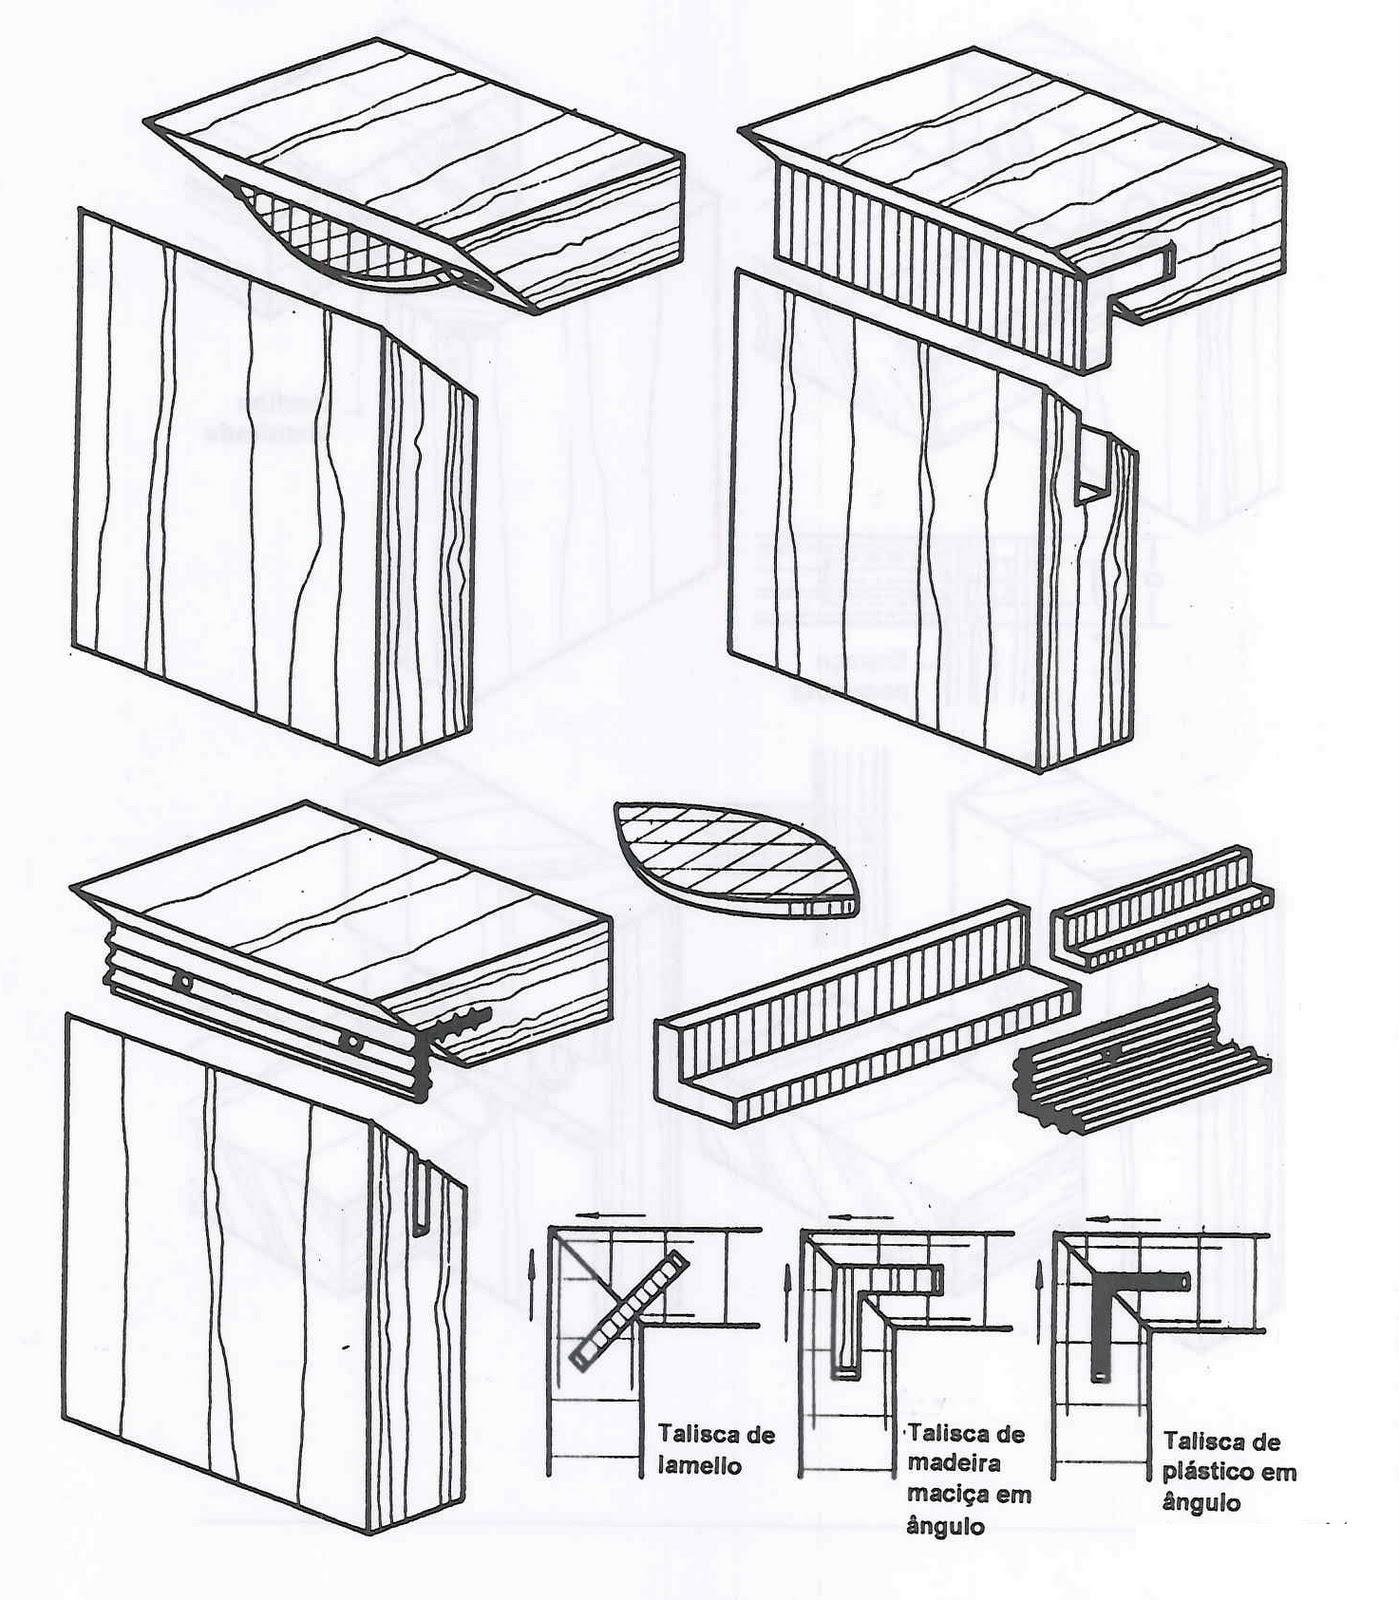 Técnicas de marcenaria: Encaixes em madeira #5A5A71 1399x1600